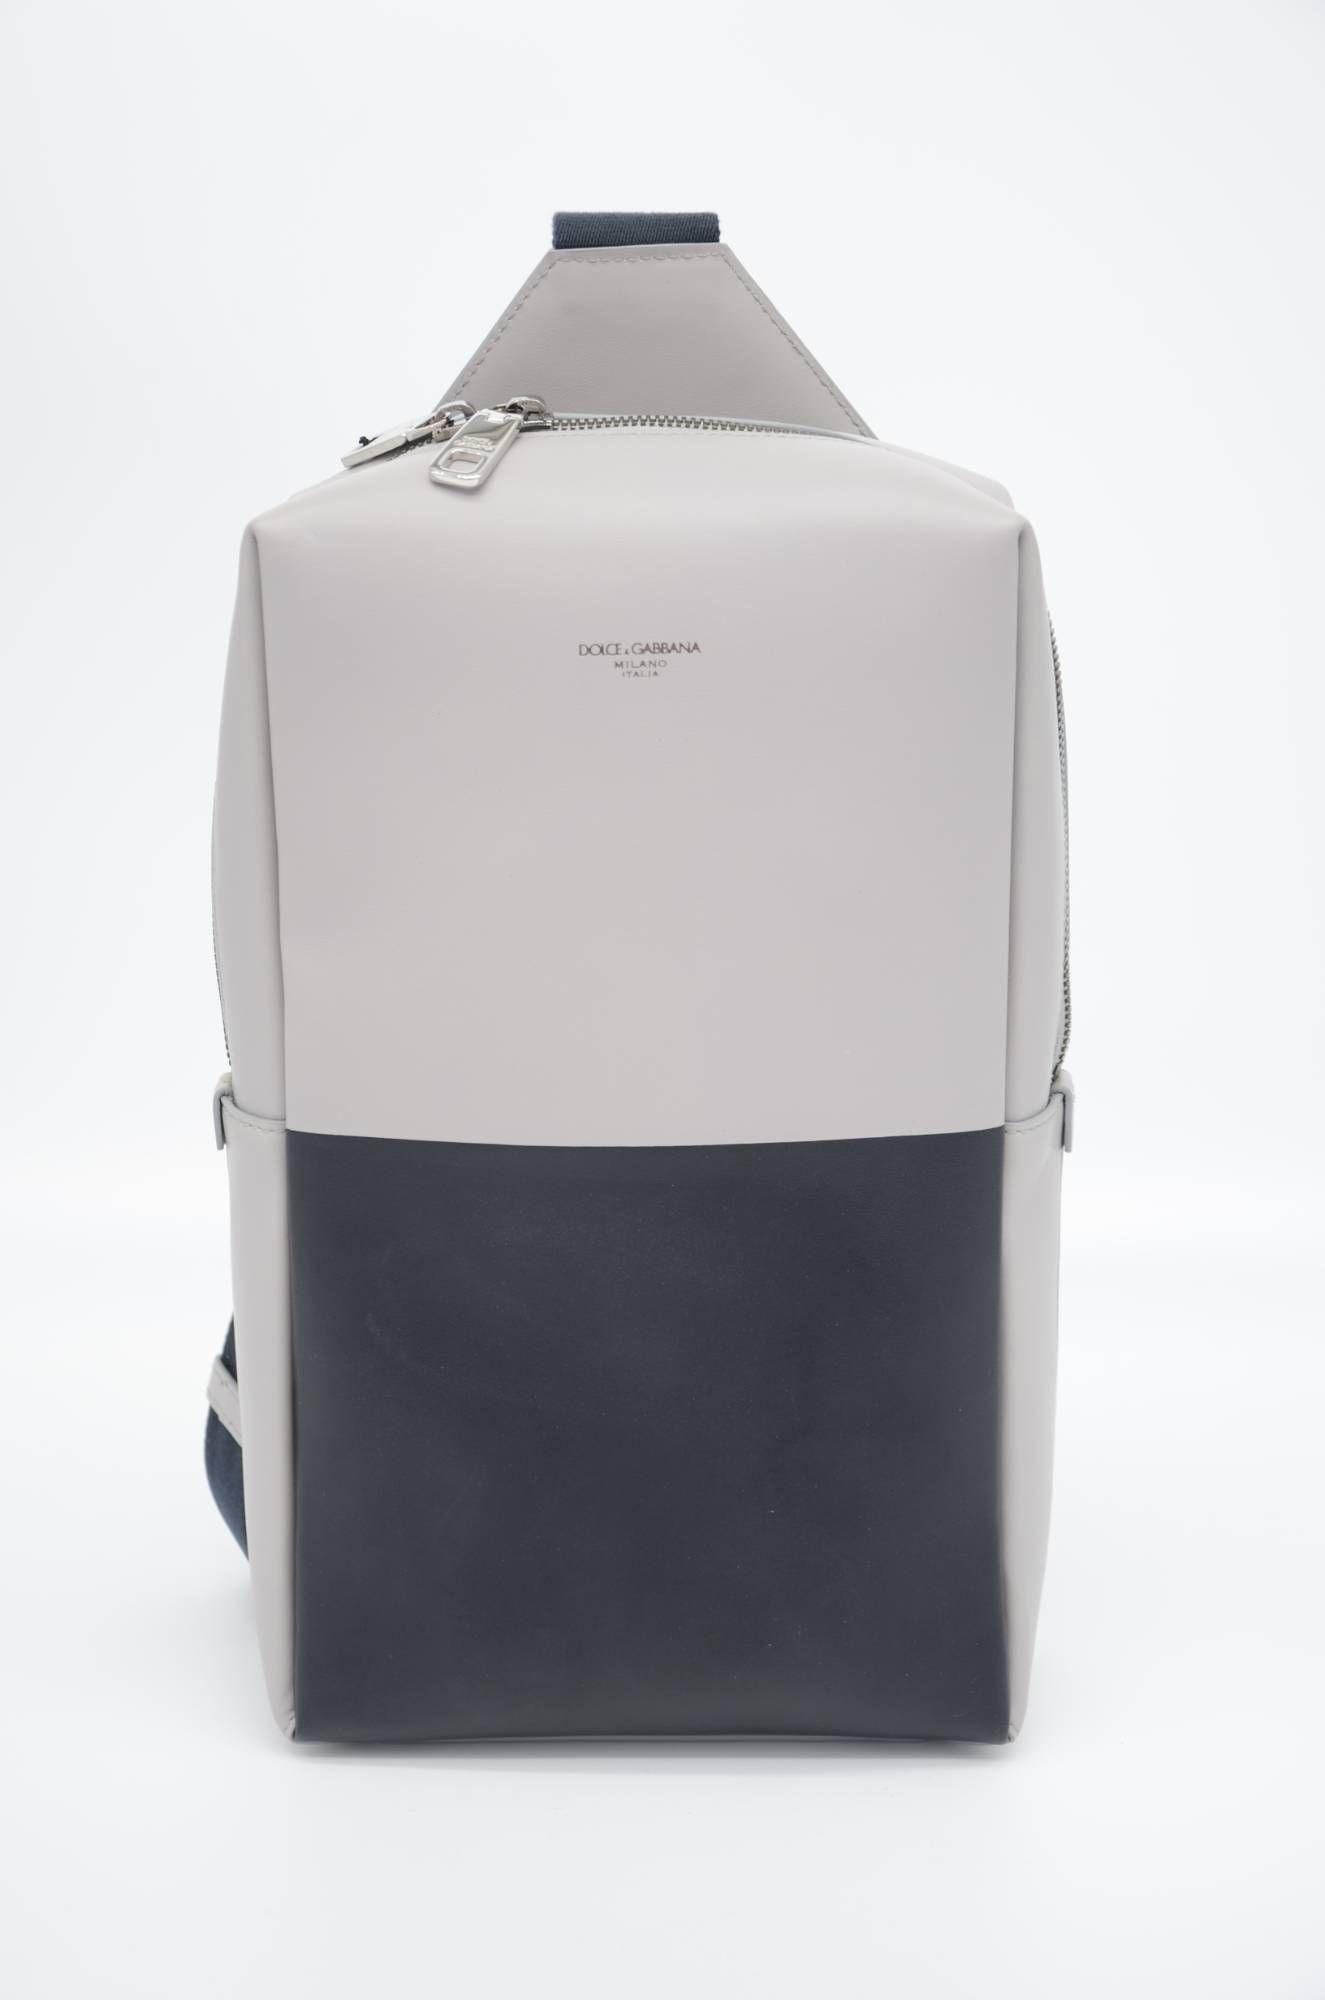 Dolce & Gabbana Men Leather Waist Bag